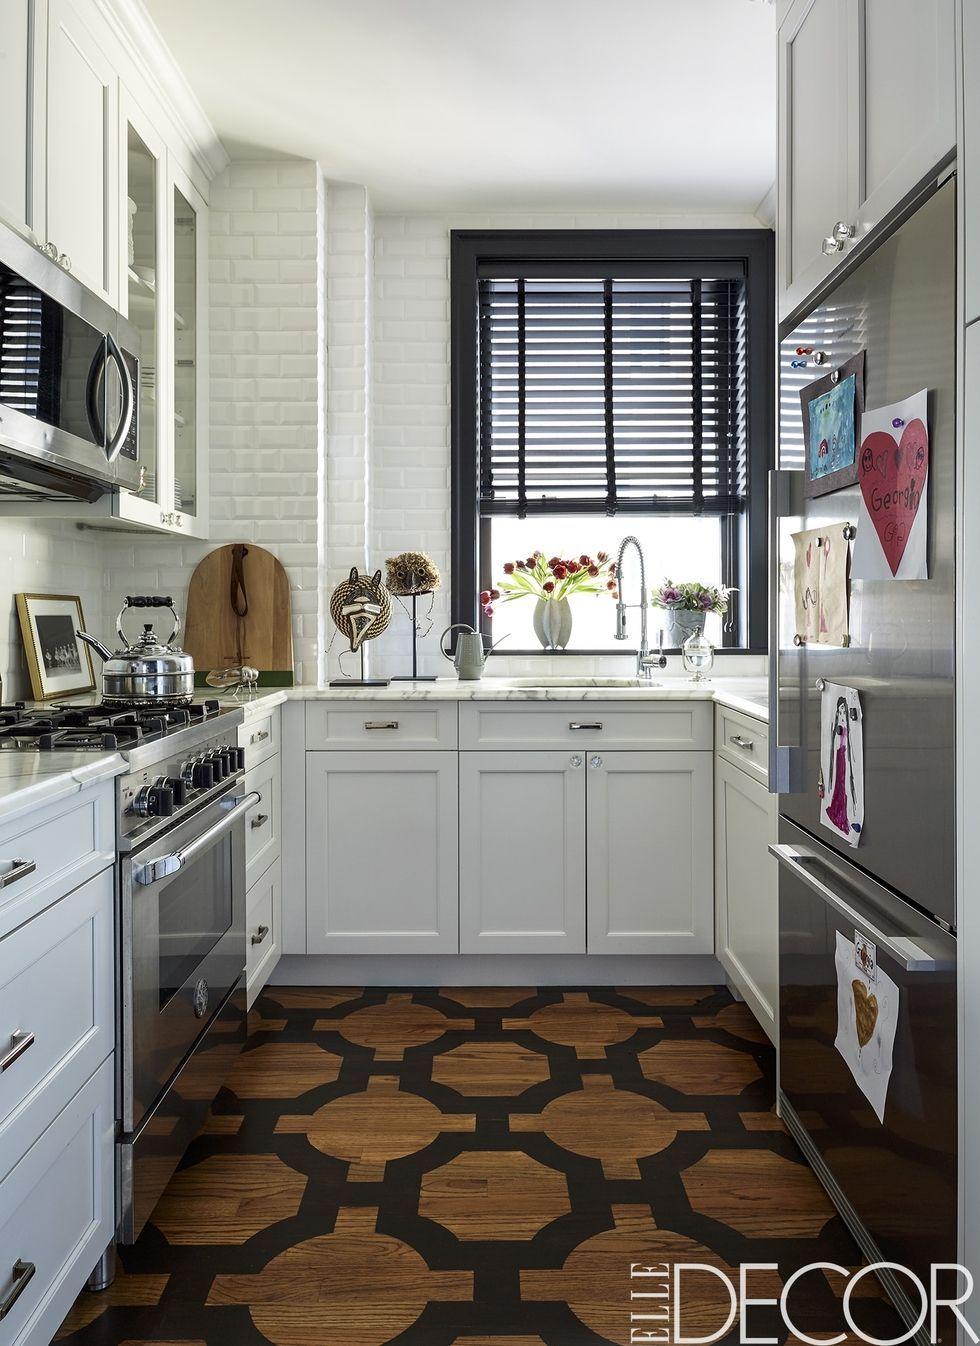 Chic Kitchen Decorating Ideas